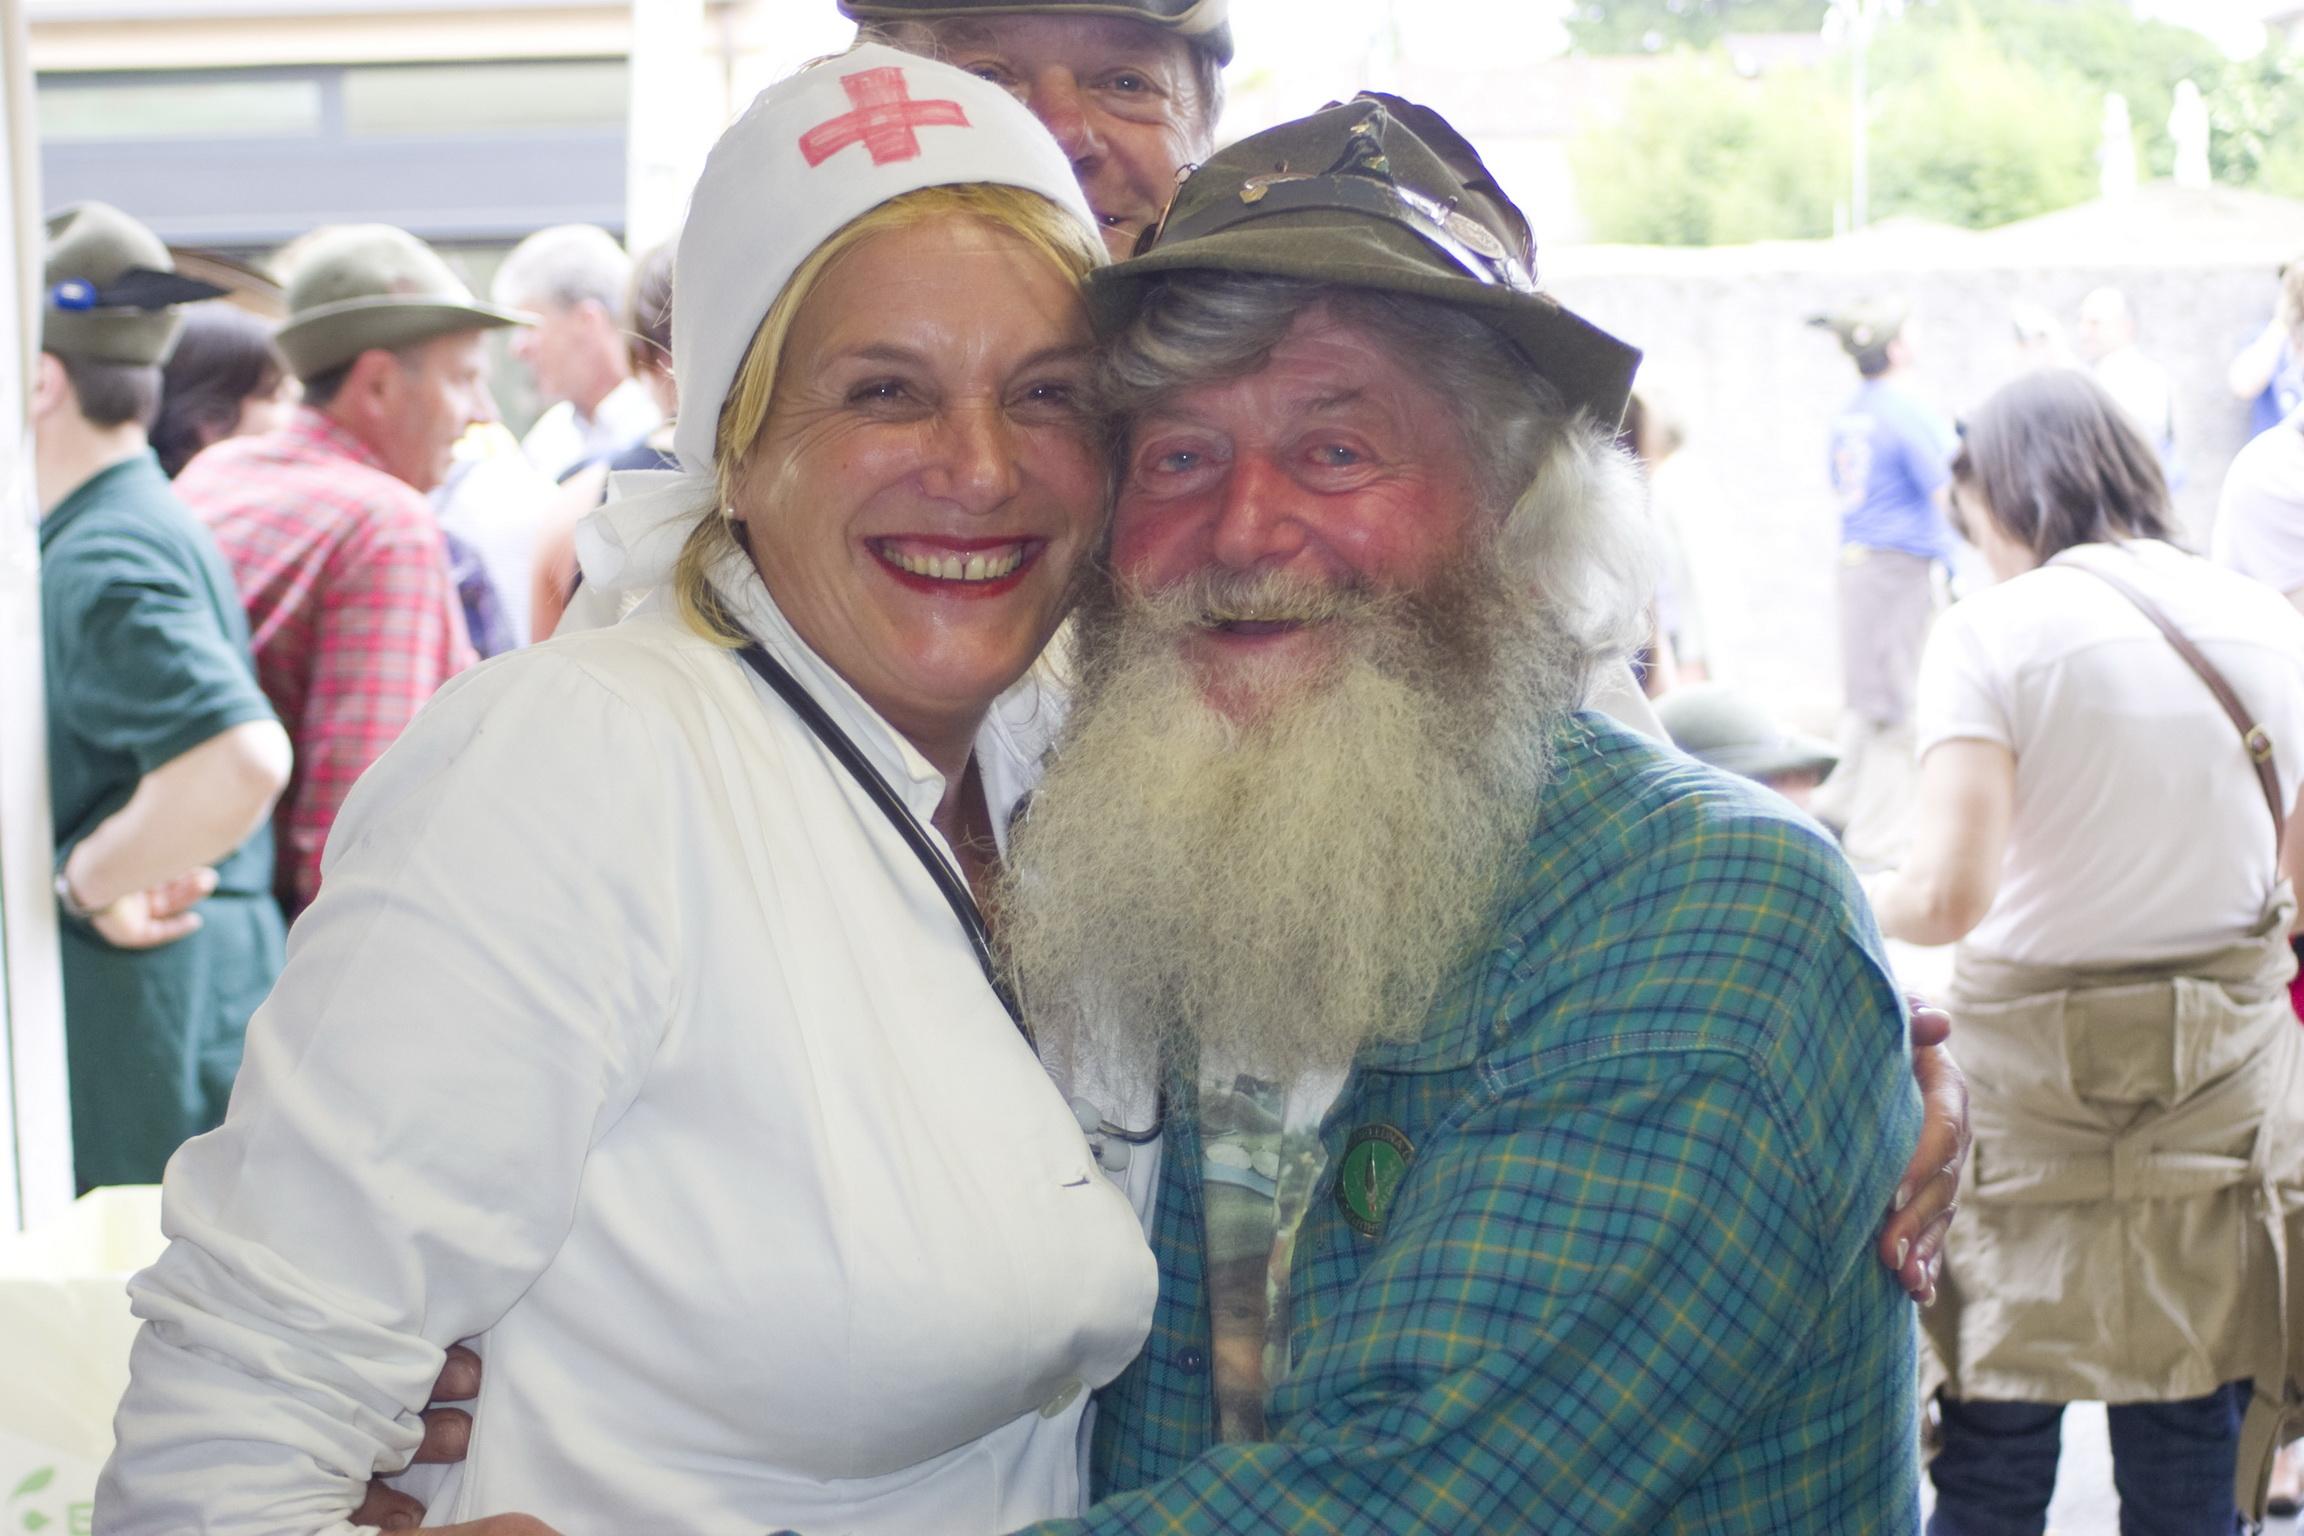 Adunata 2008